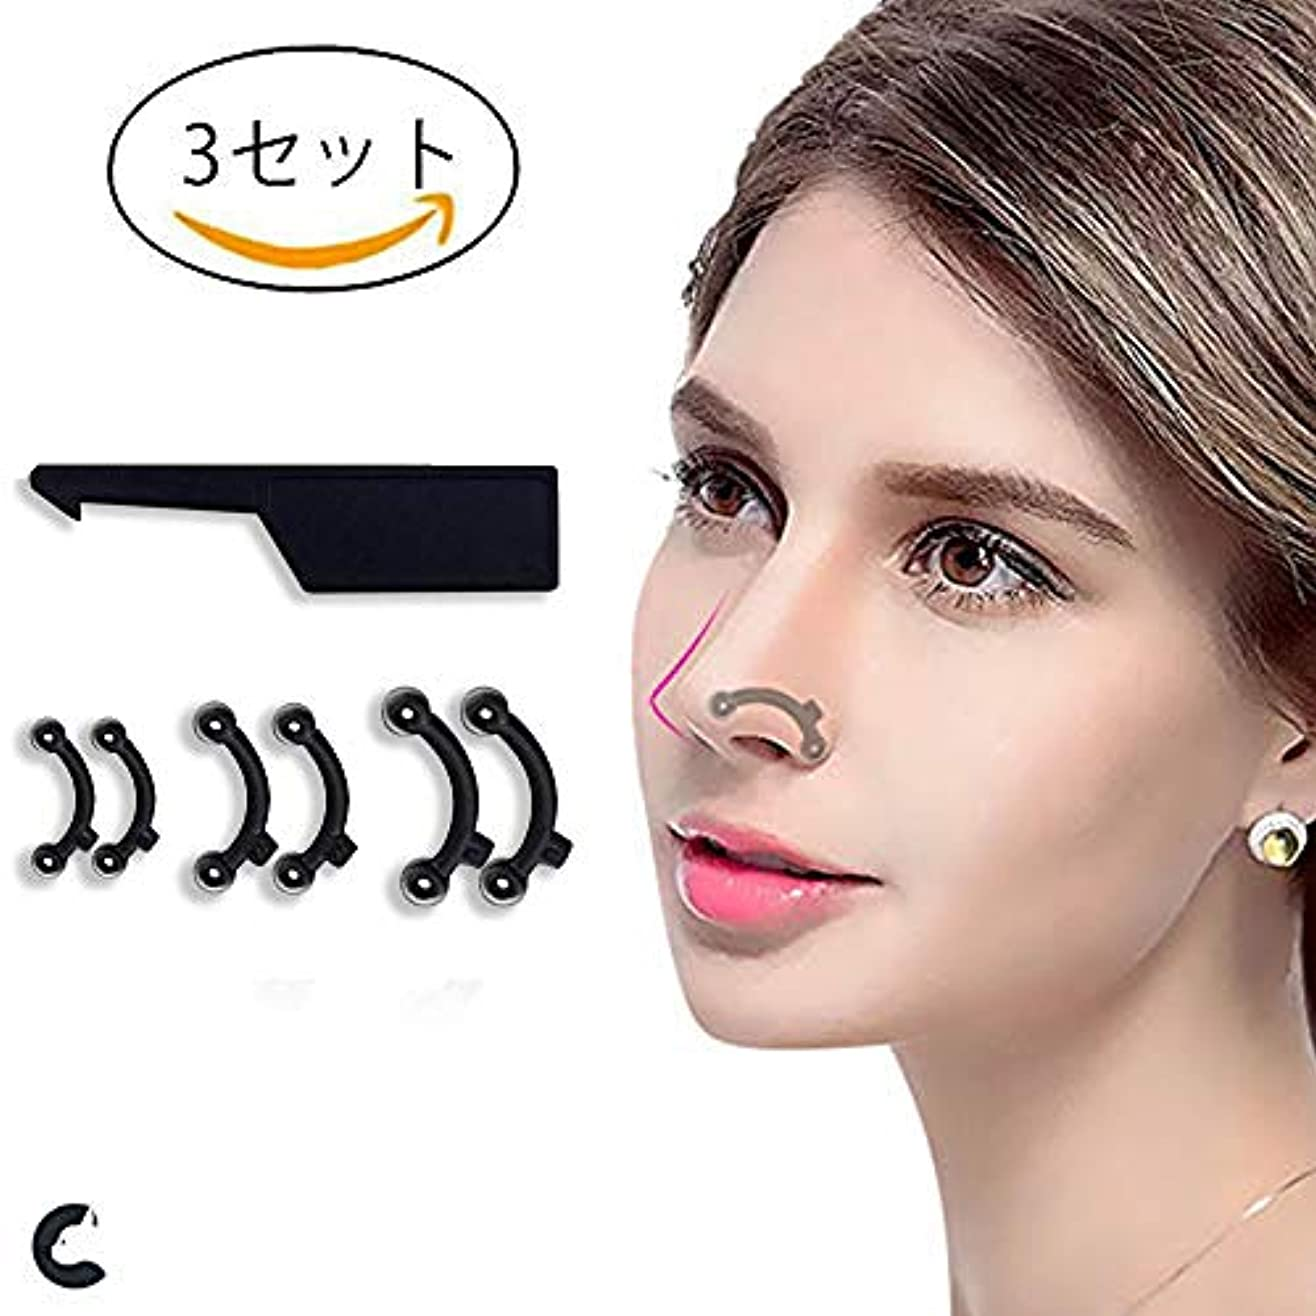 良性無能スキームROOFTOPS 3サイズセット 鼻クリップ ノーズクリップ 鼻プチ 柔軟性高く ハナのアイプチ ビューティー正規品 矯正プチ 整形せず 鼻筋矯正 23mm/24.5mm/26mm全